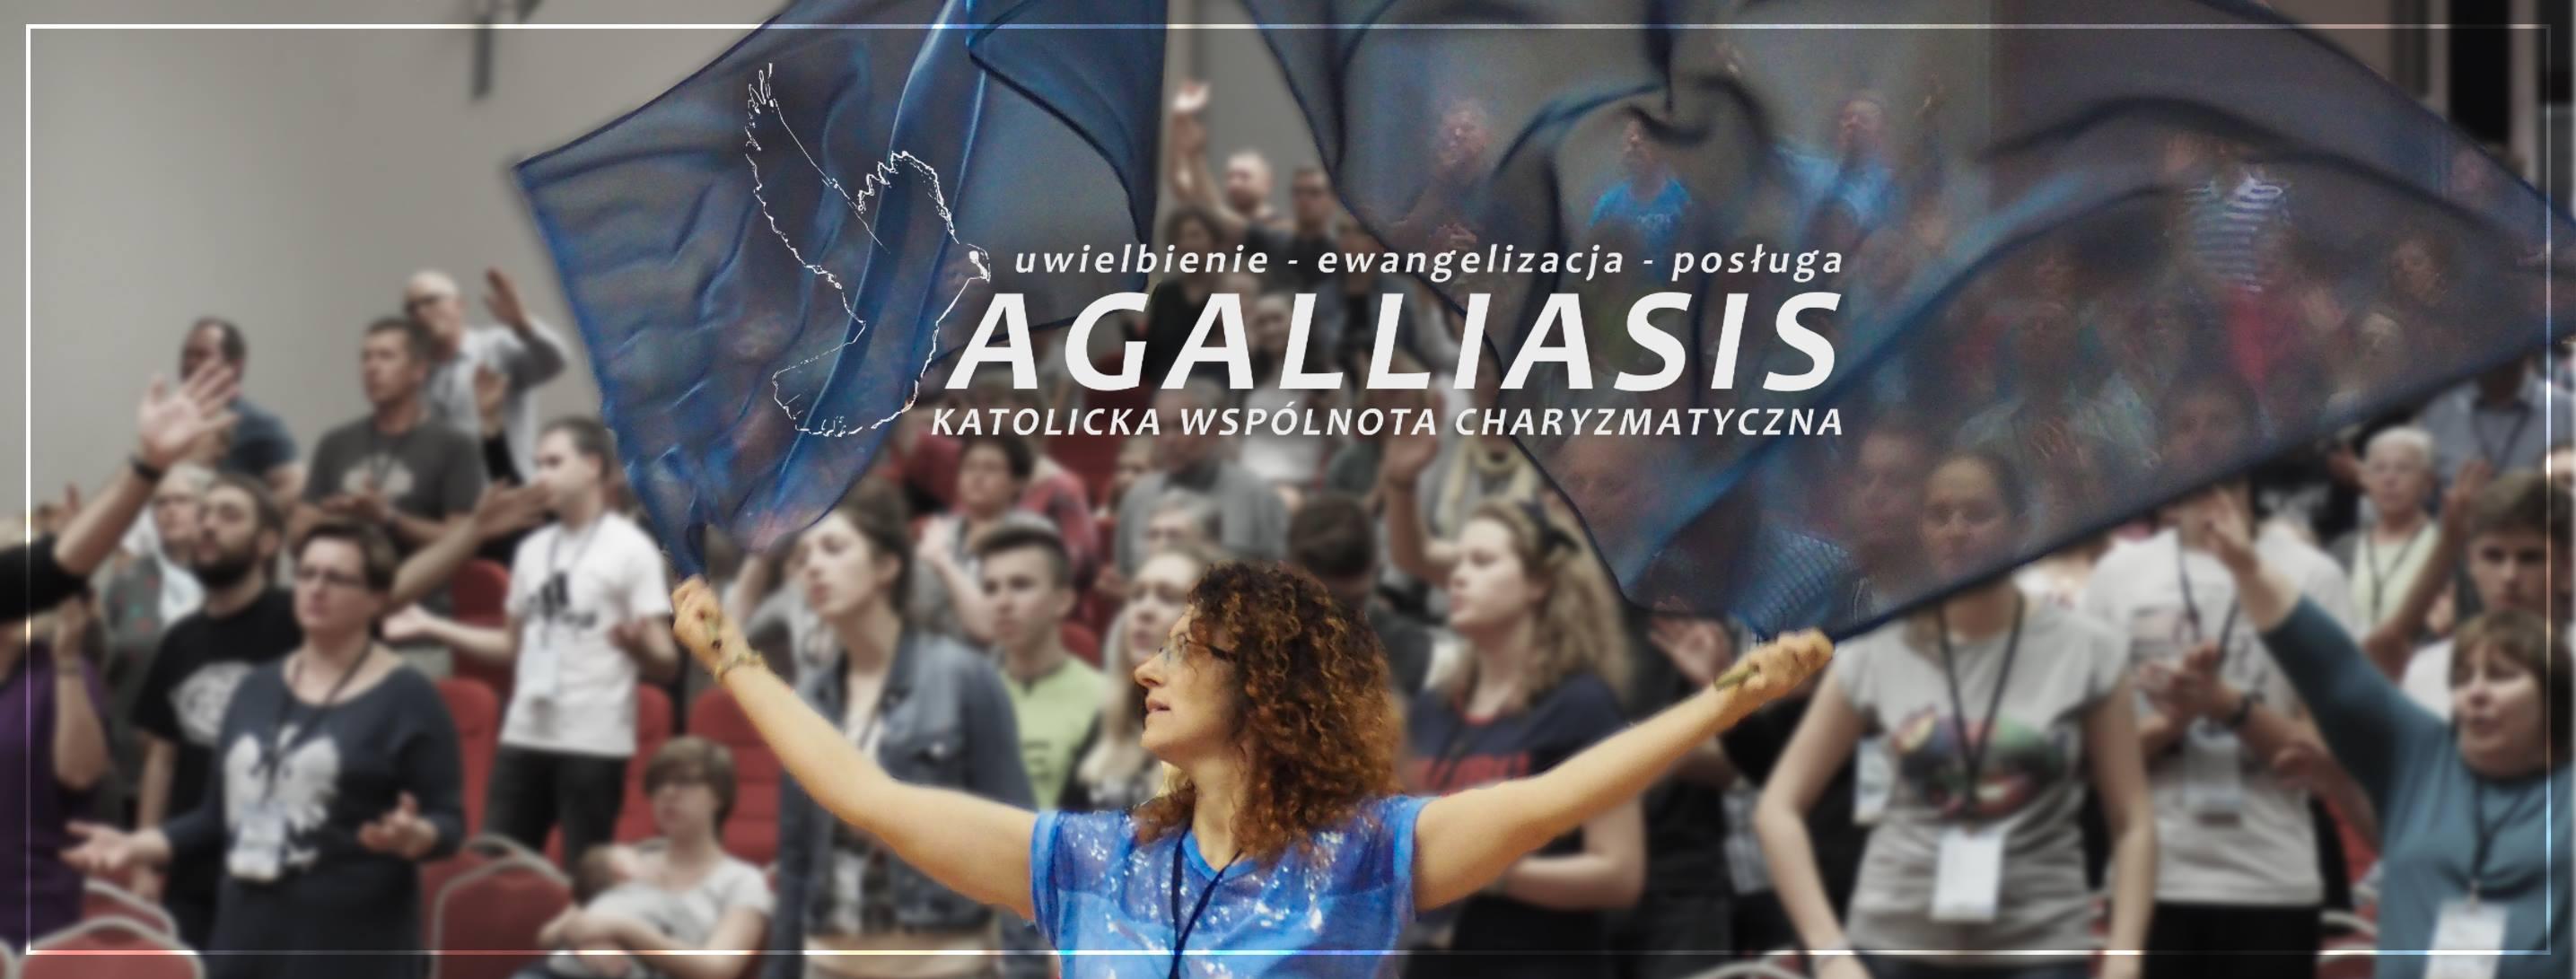 Katolicka Wspólnota Charyzmatyczna AGALLIASIS - Wrocław, Oporów